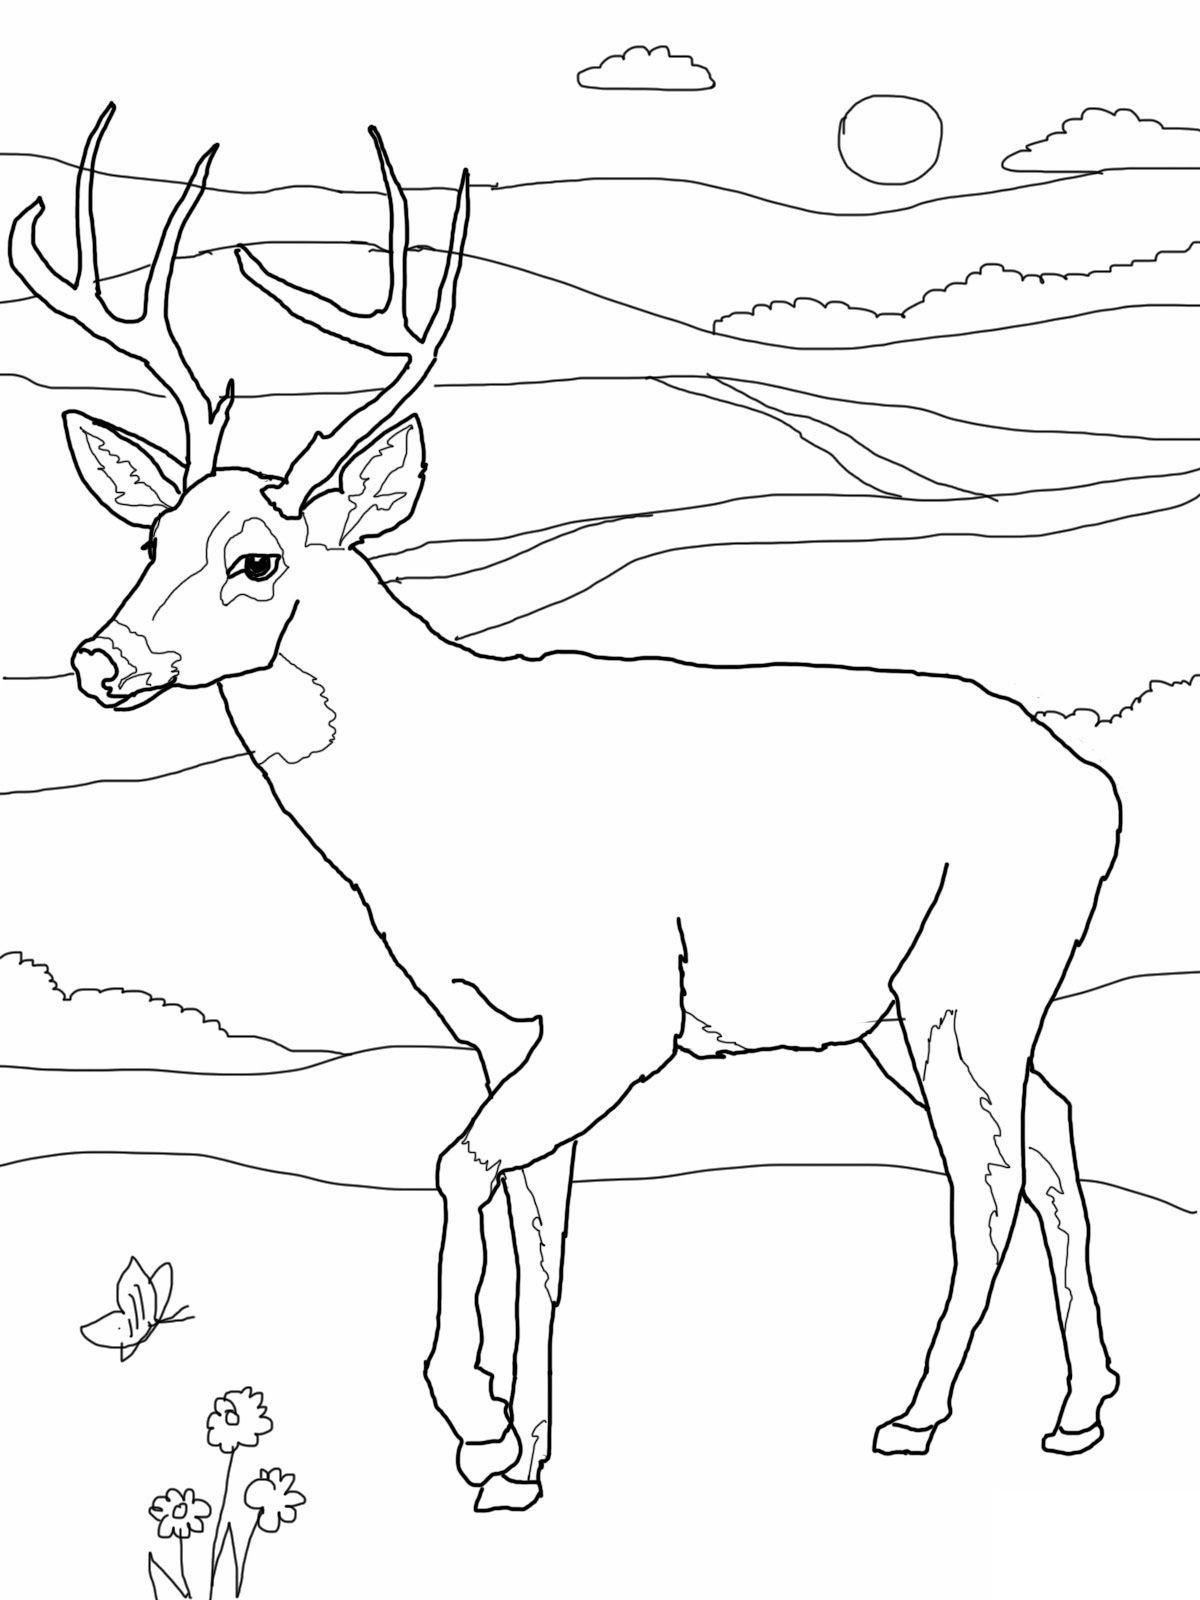 1200x1600 Free Printable Deer Coloring Pages For Kids Deer Hunting, Felt